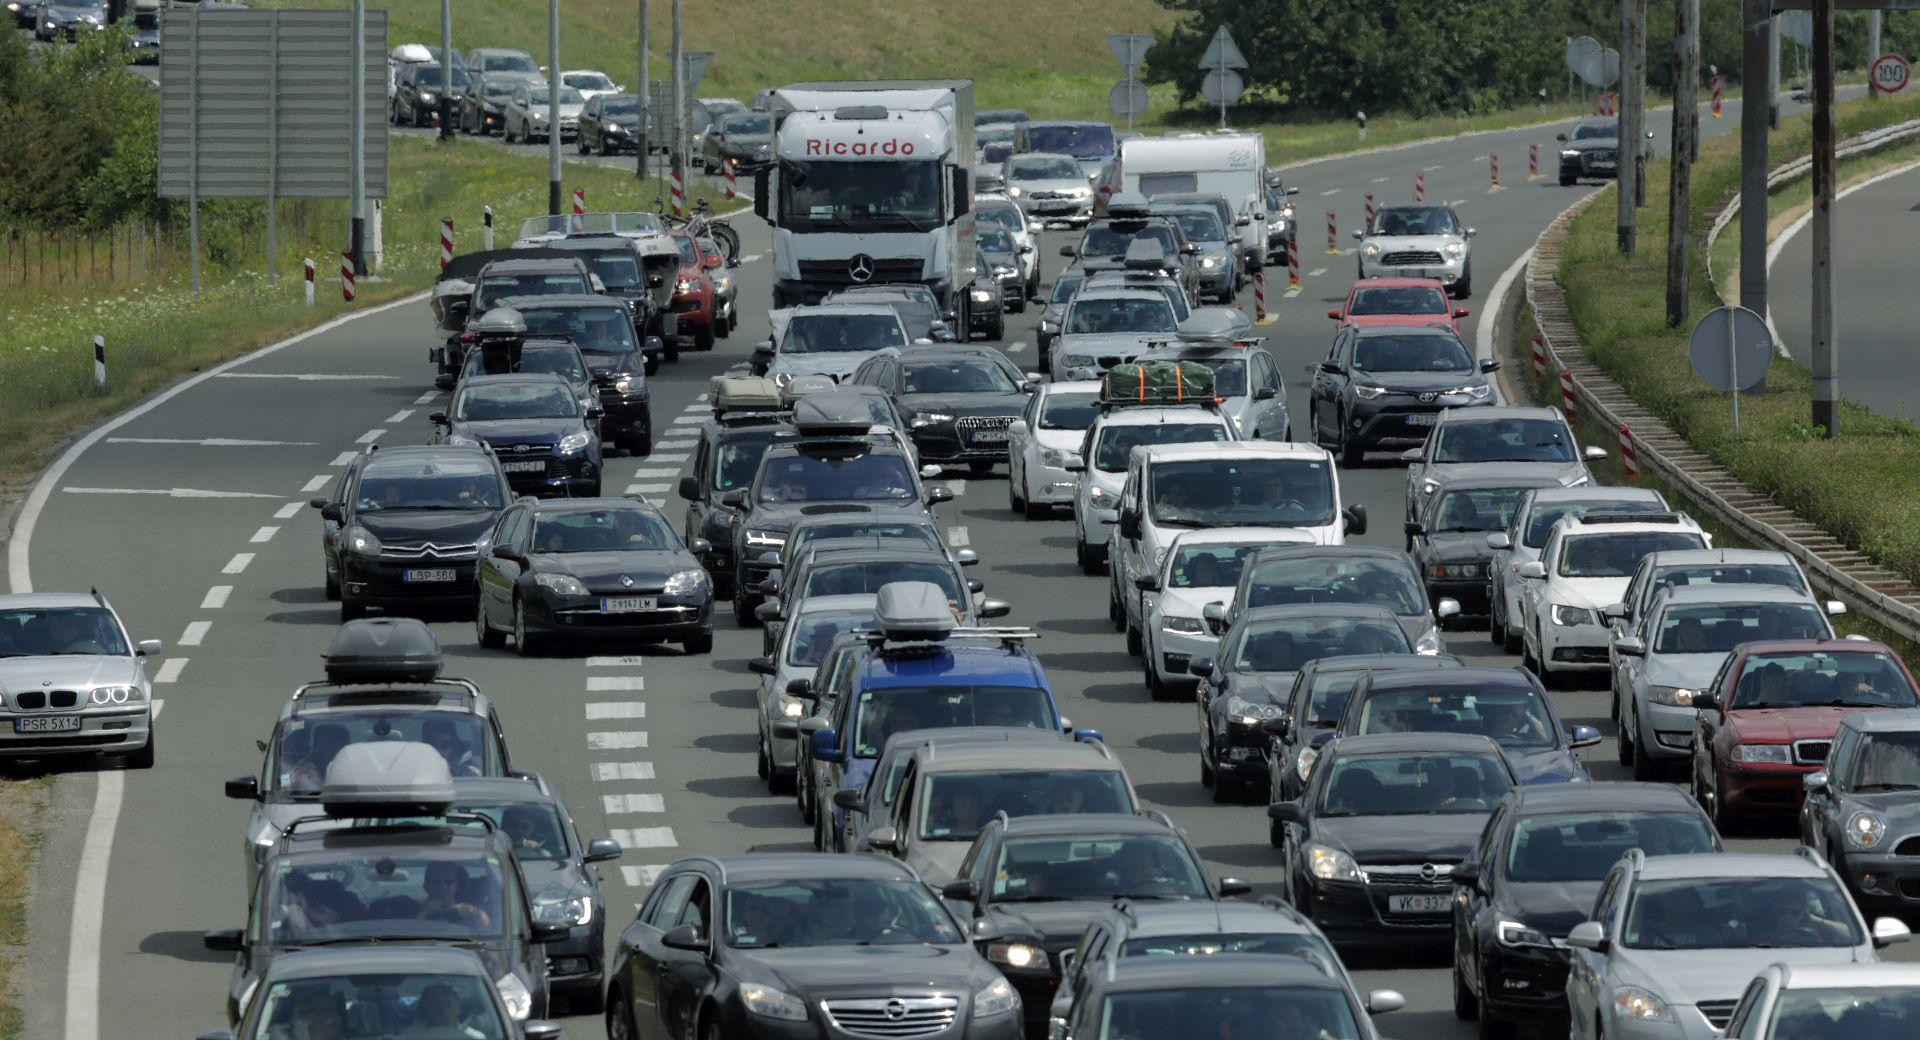 Objavljena prometna prognoza, evo gdje će biti najveće gužve